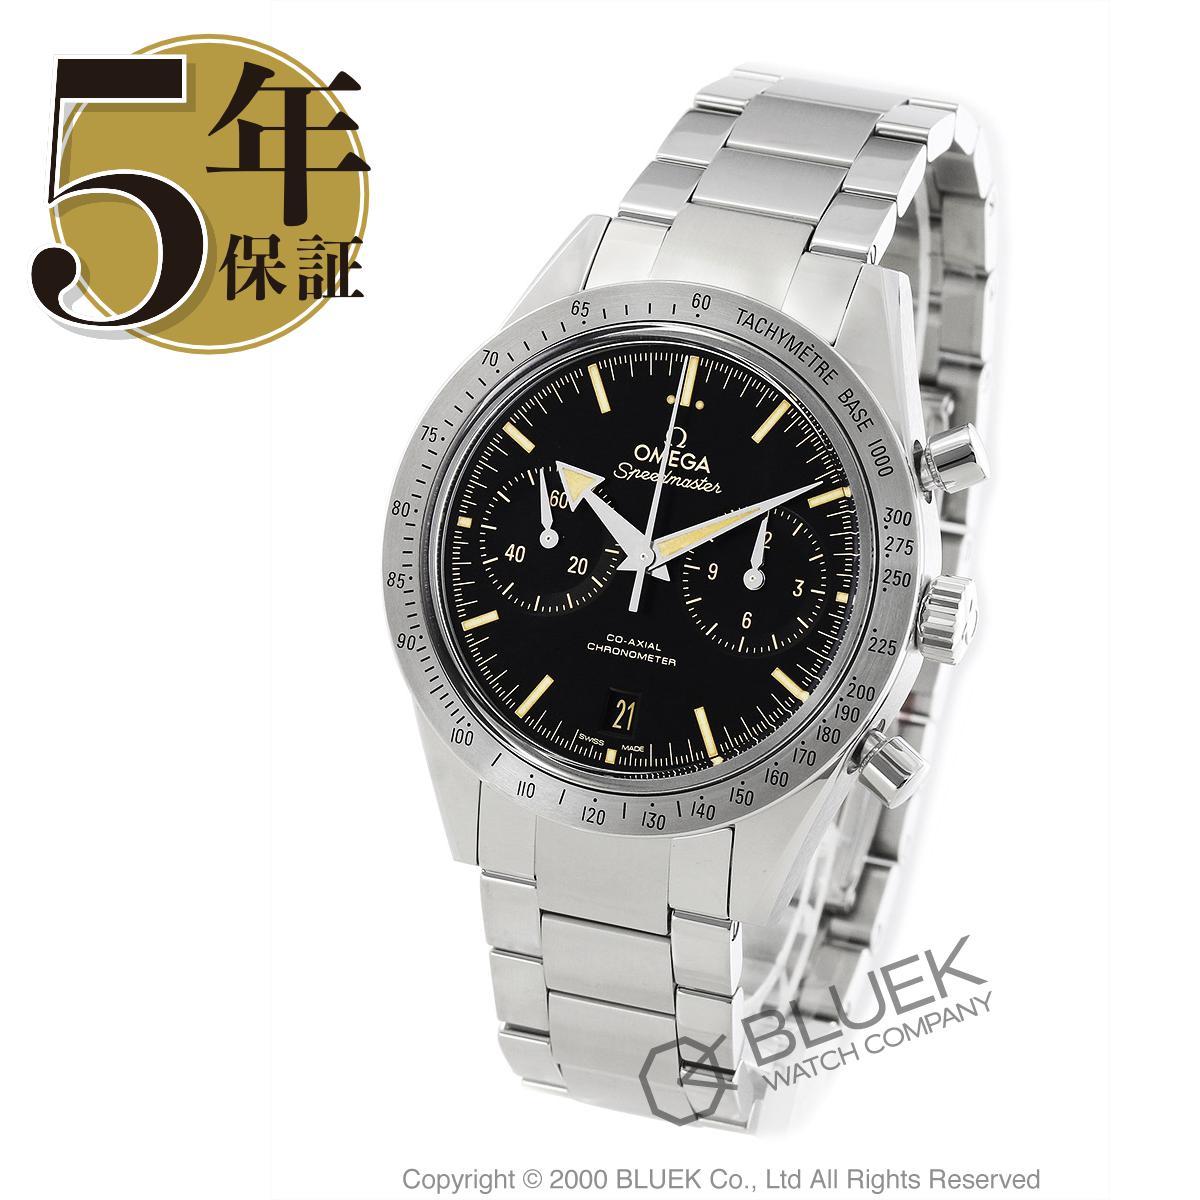 オメガ スピードマスター 57 クロノグラフ 腕時計 メンズ OMEGA 331.10.42.51.01.002_5